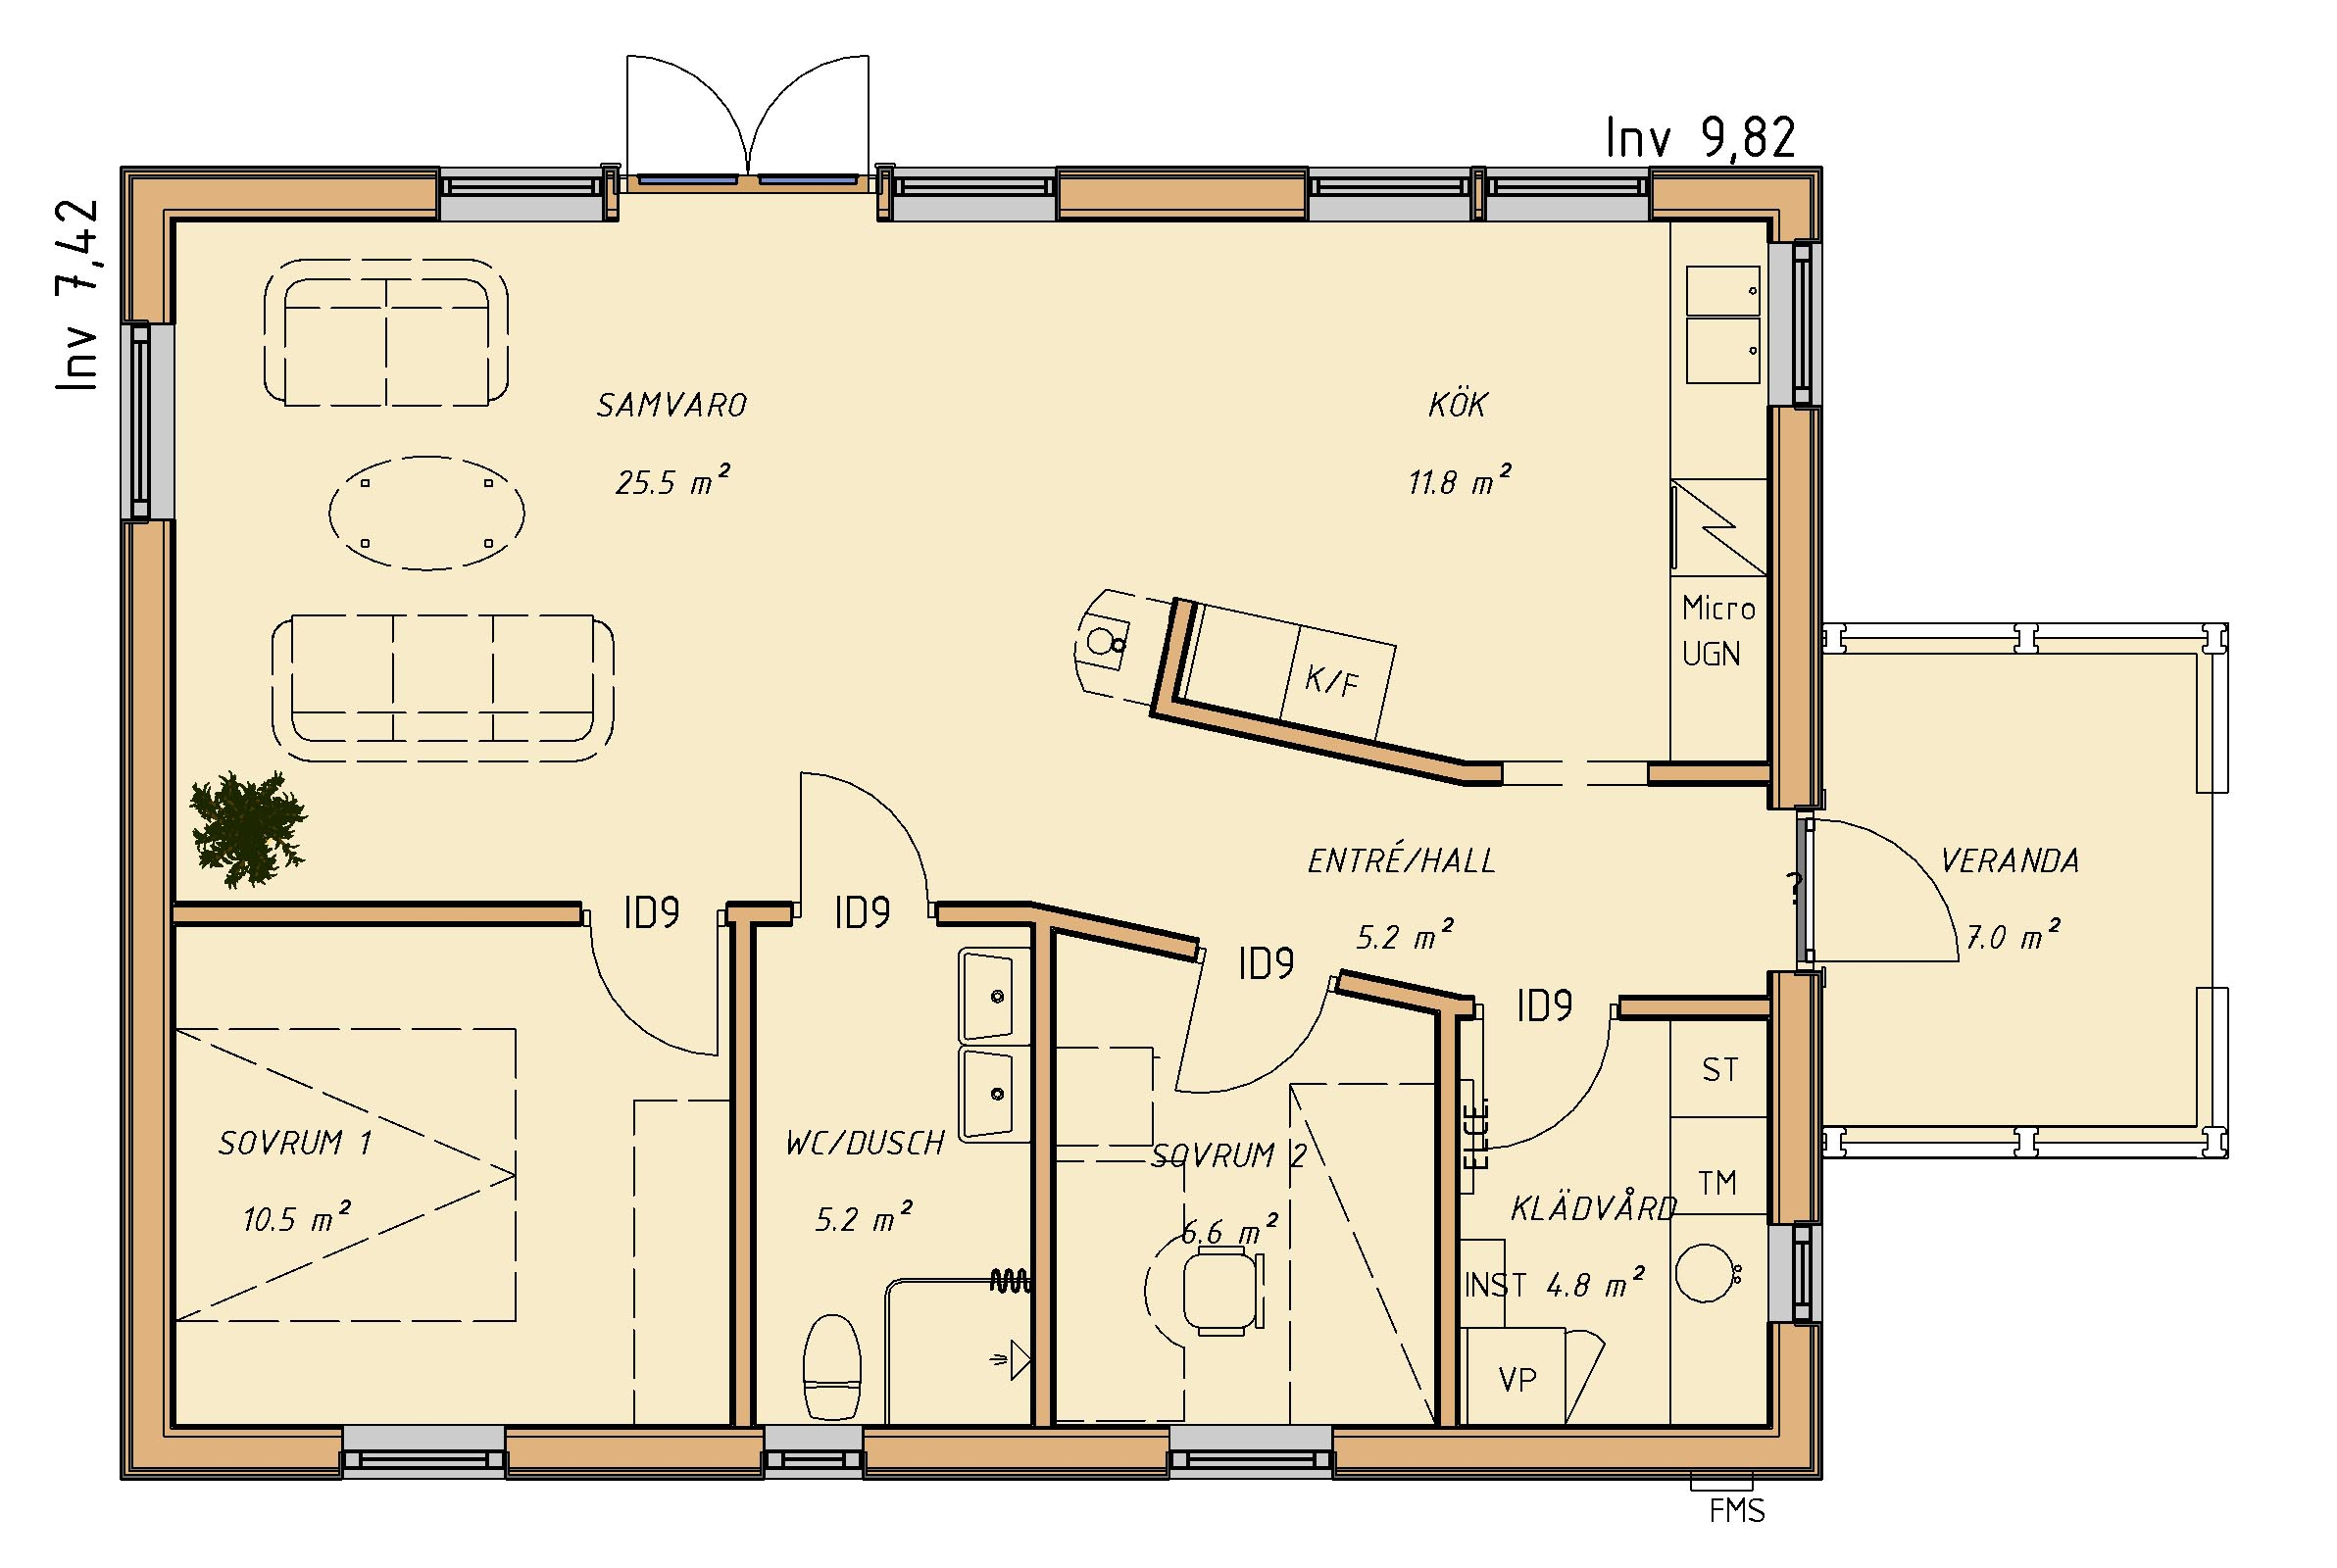 planlosningsbild 1 av STENESTAD